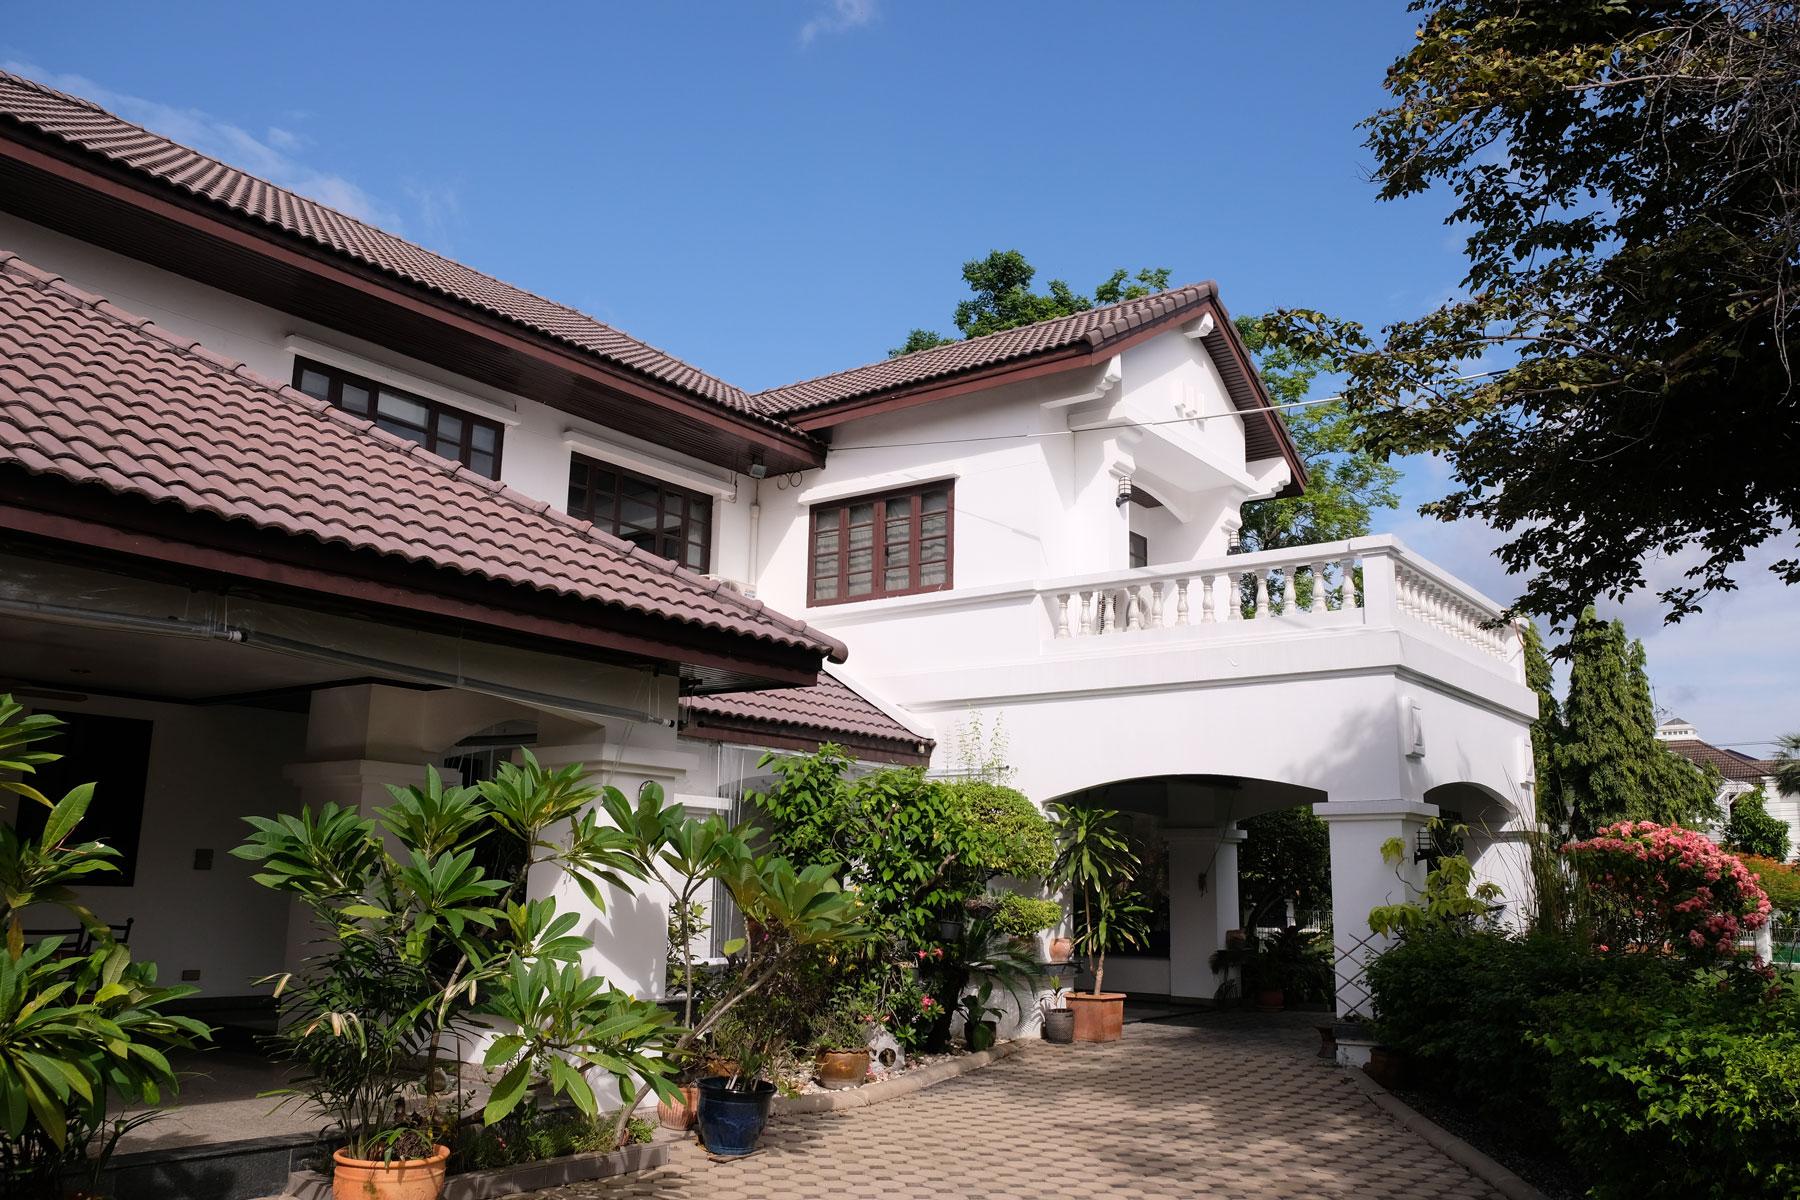 Ein Haus, auf das wir beim House Sitting in Bangkok aufpassen.